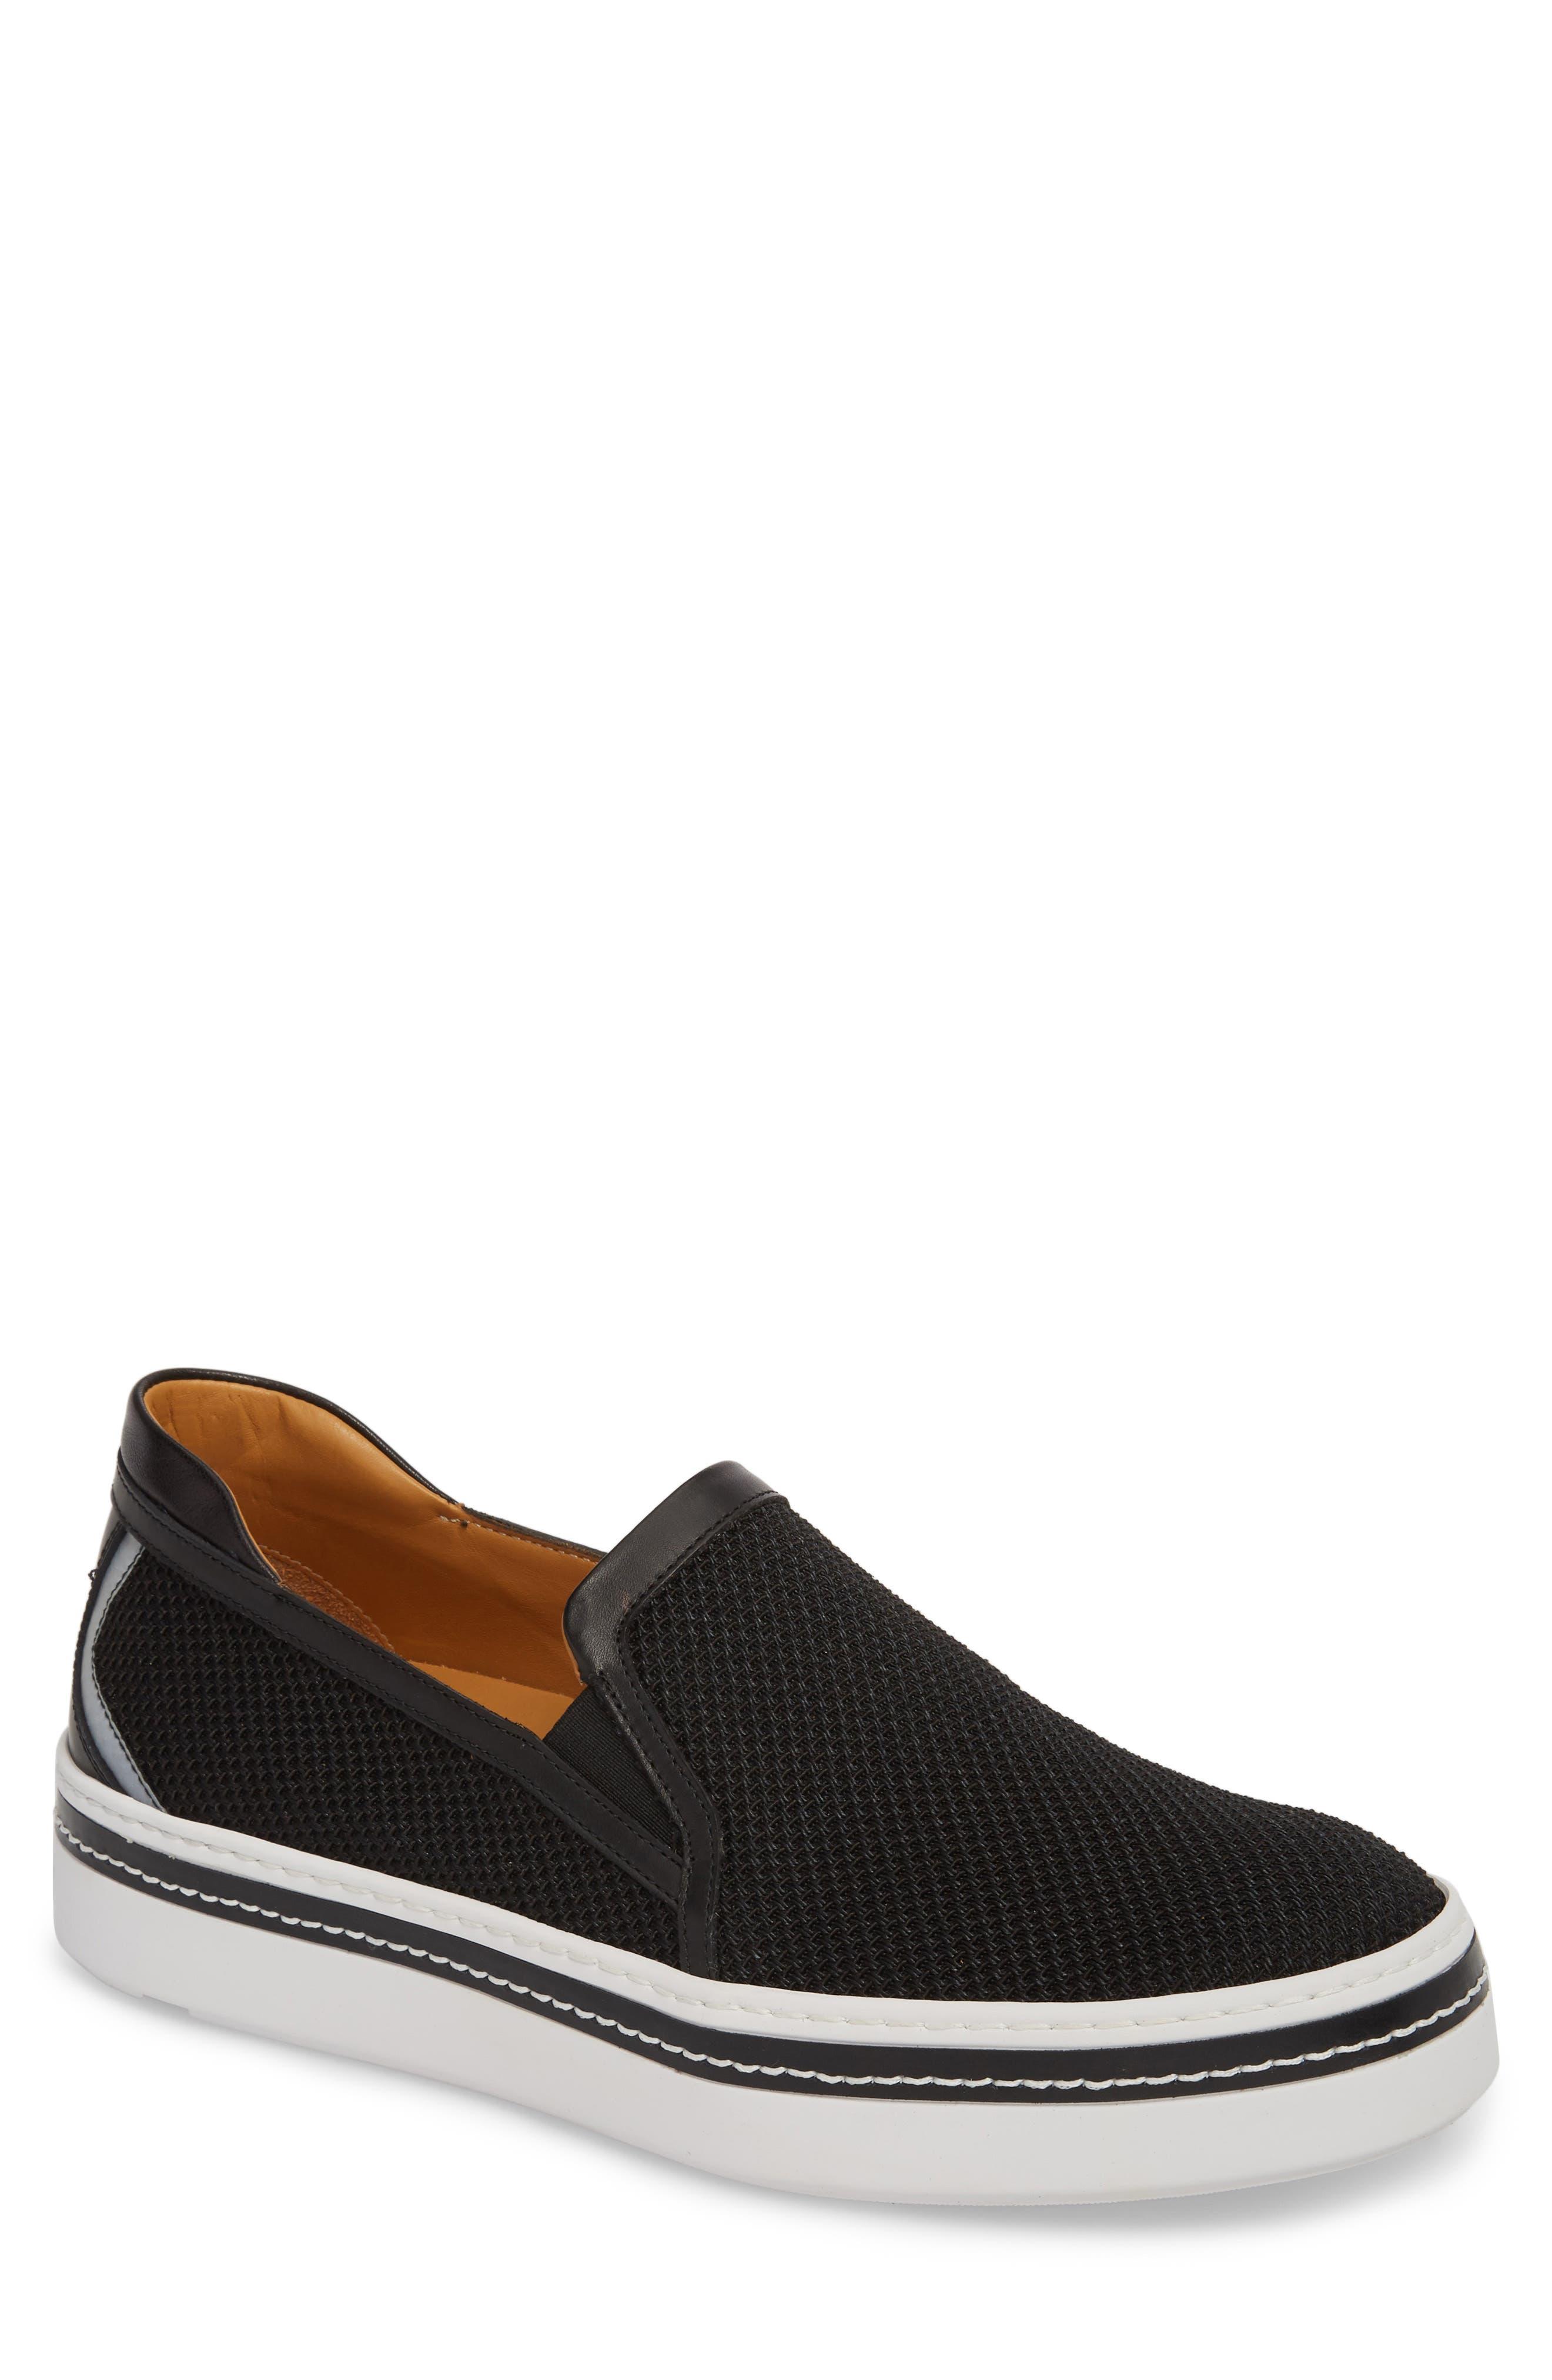 Sal Mesh Slip-On Sneaker,                         Main,                         color, Black Mesh